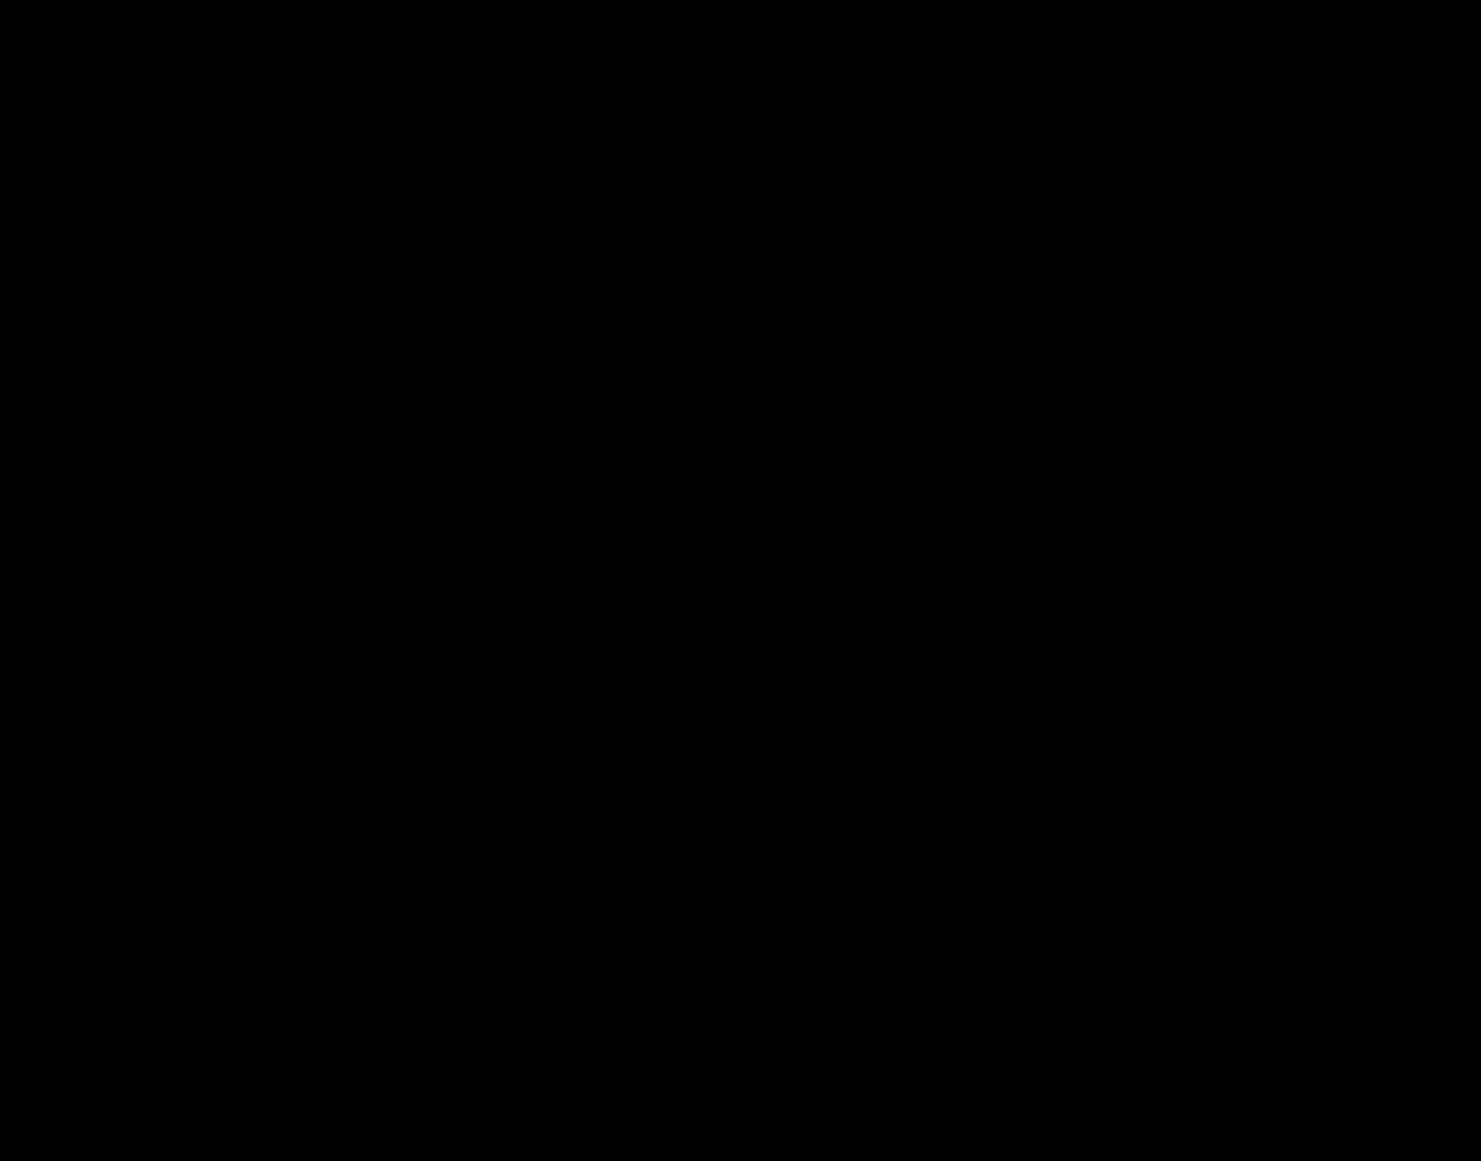 Rahmen Icon.